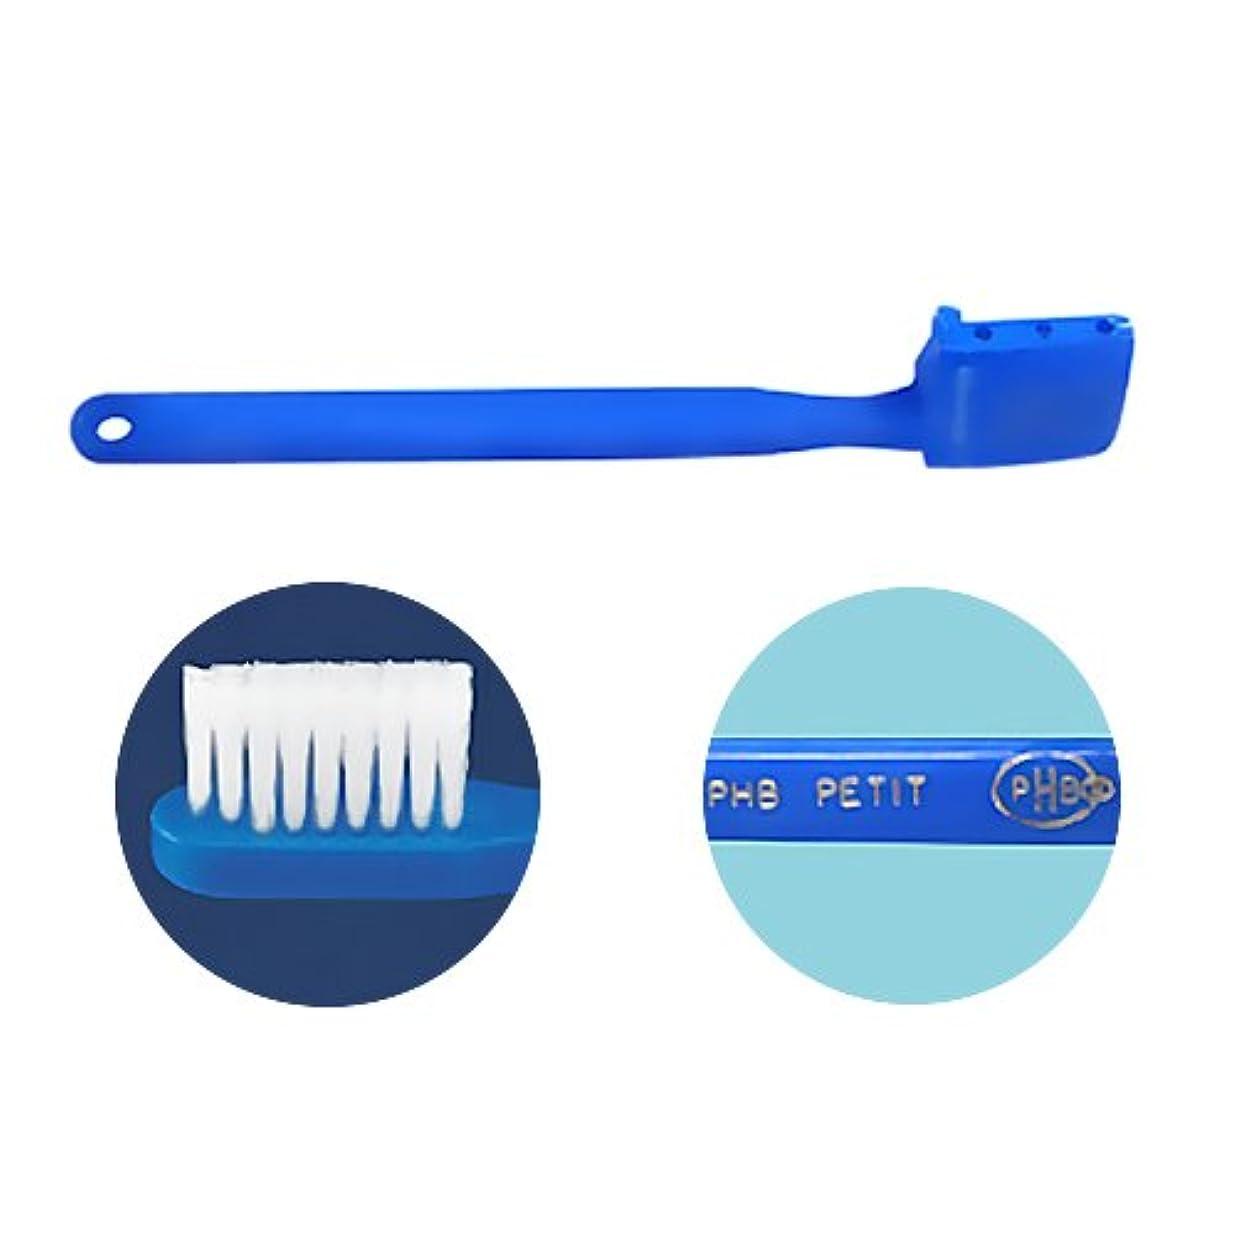 PHB 歯ブラシ プチサイズ 1本 ネオンブルー